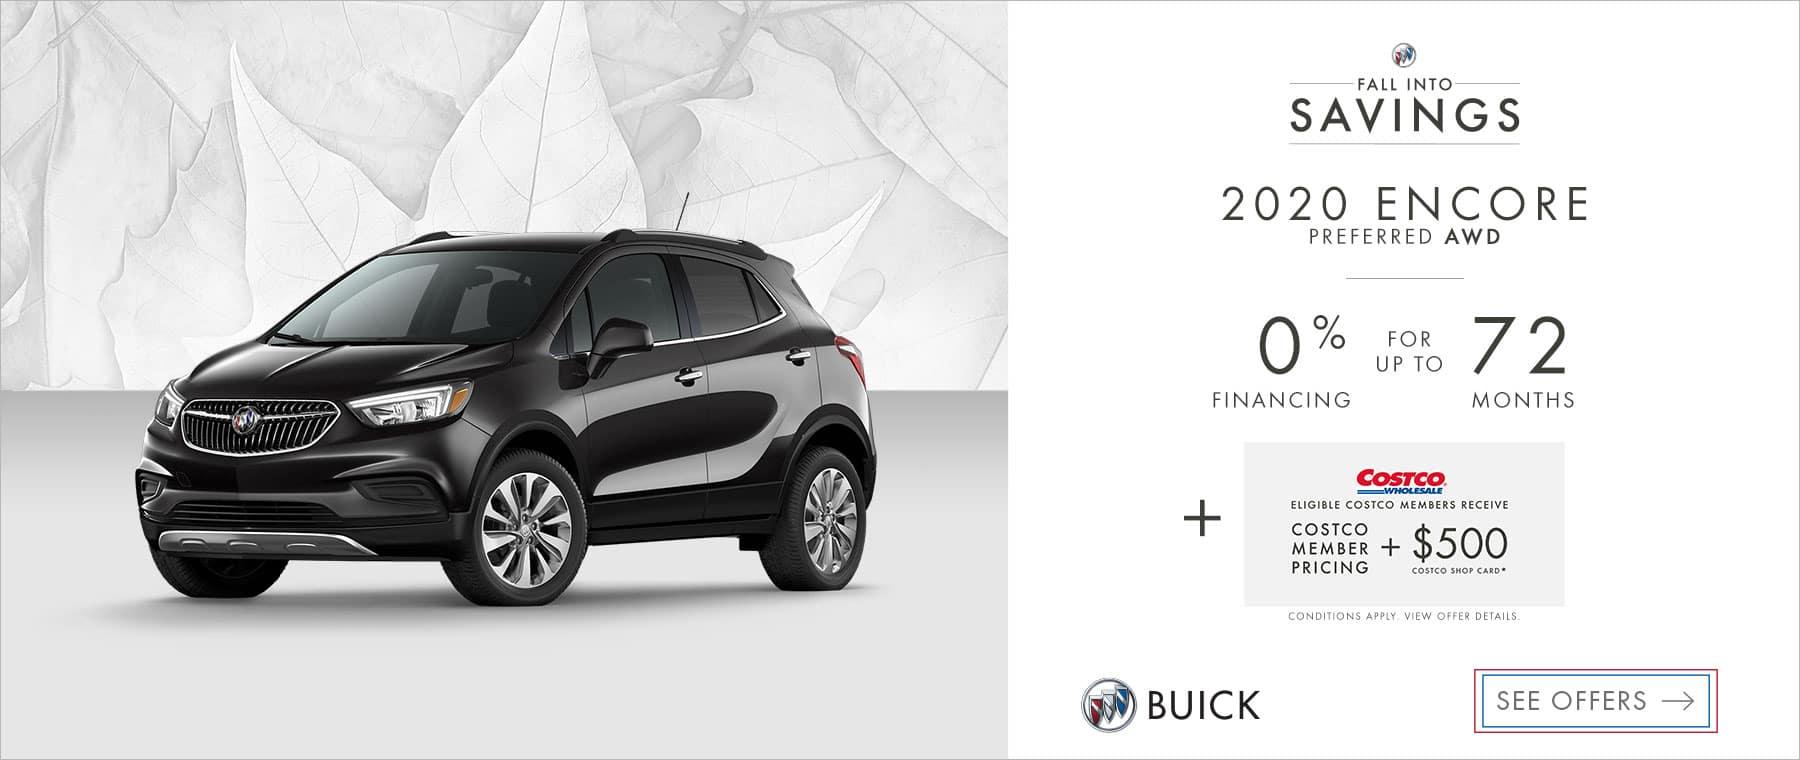 2020_CNT_Buick_ENCORE_SEP_T3_EN_1800x760